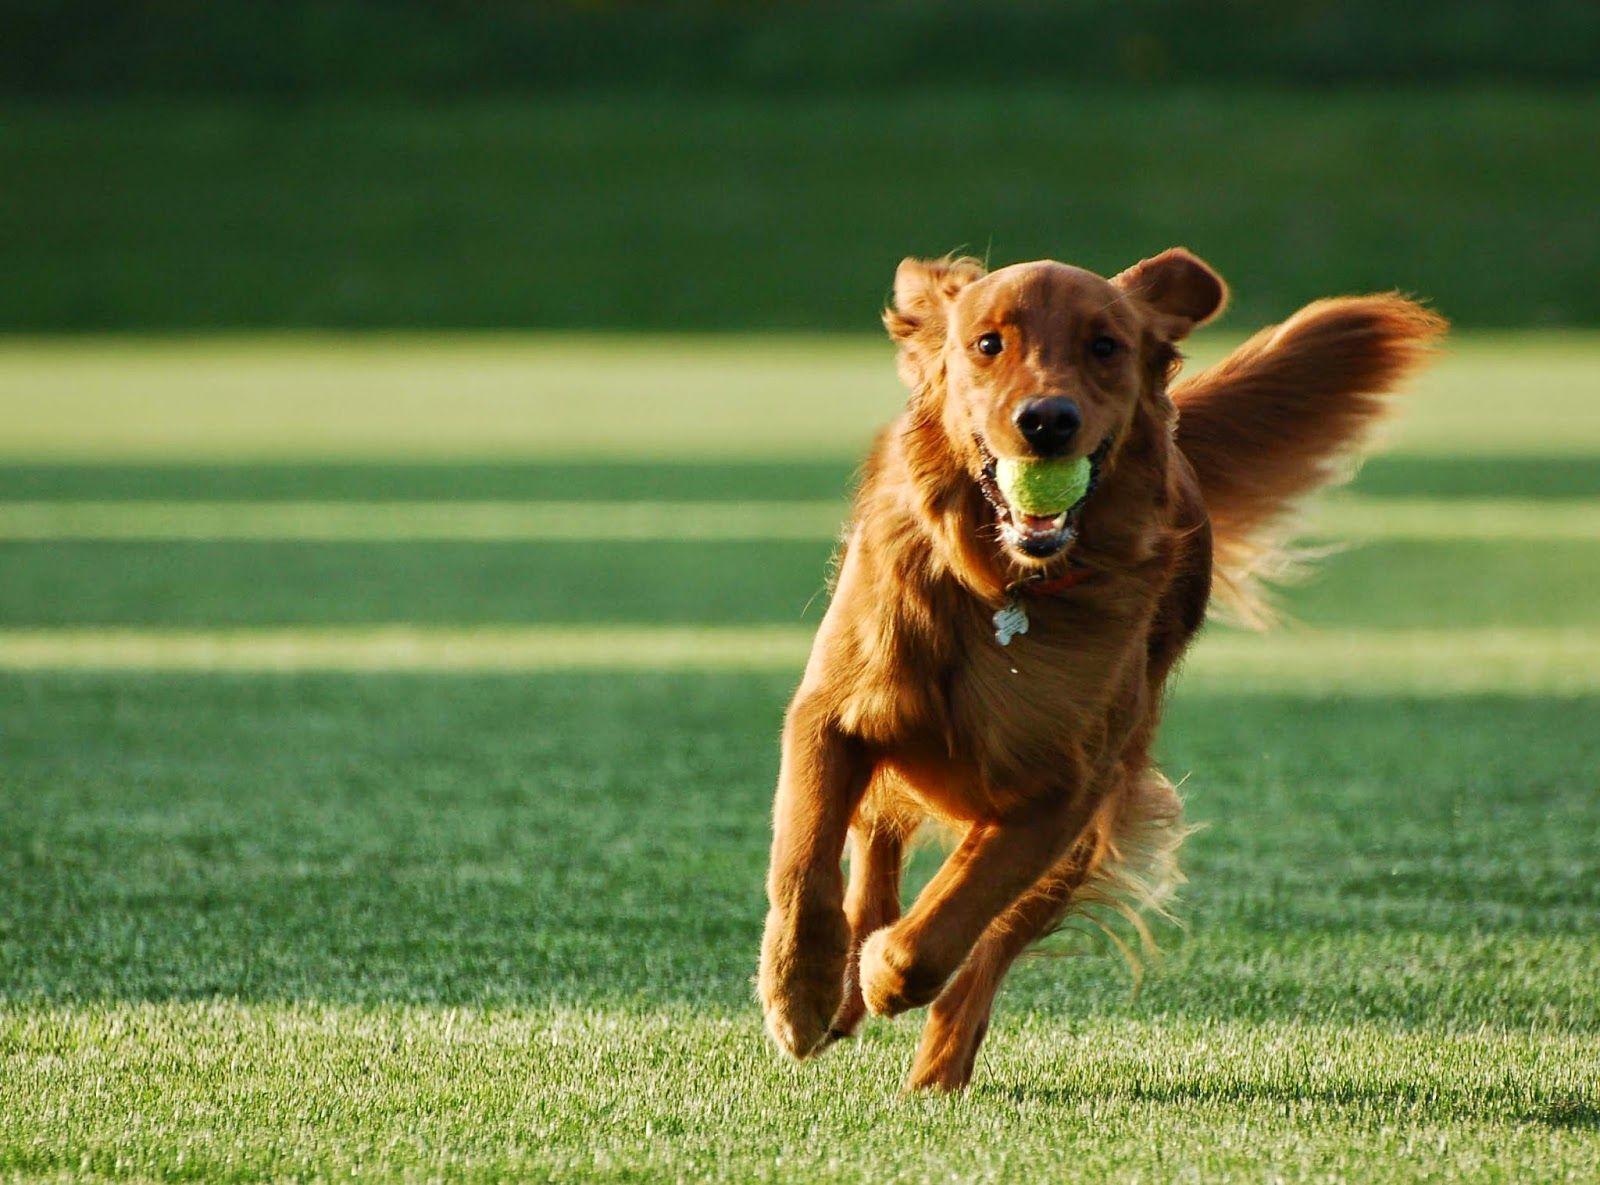 K9 Dog Obedience Training Sydney Australia First Aid For A Dog